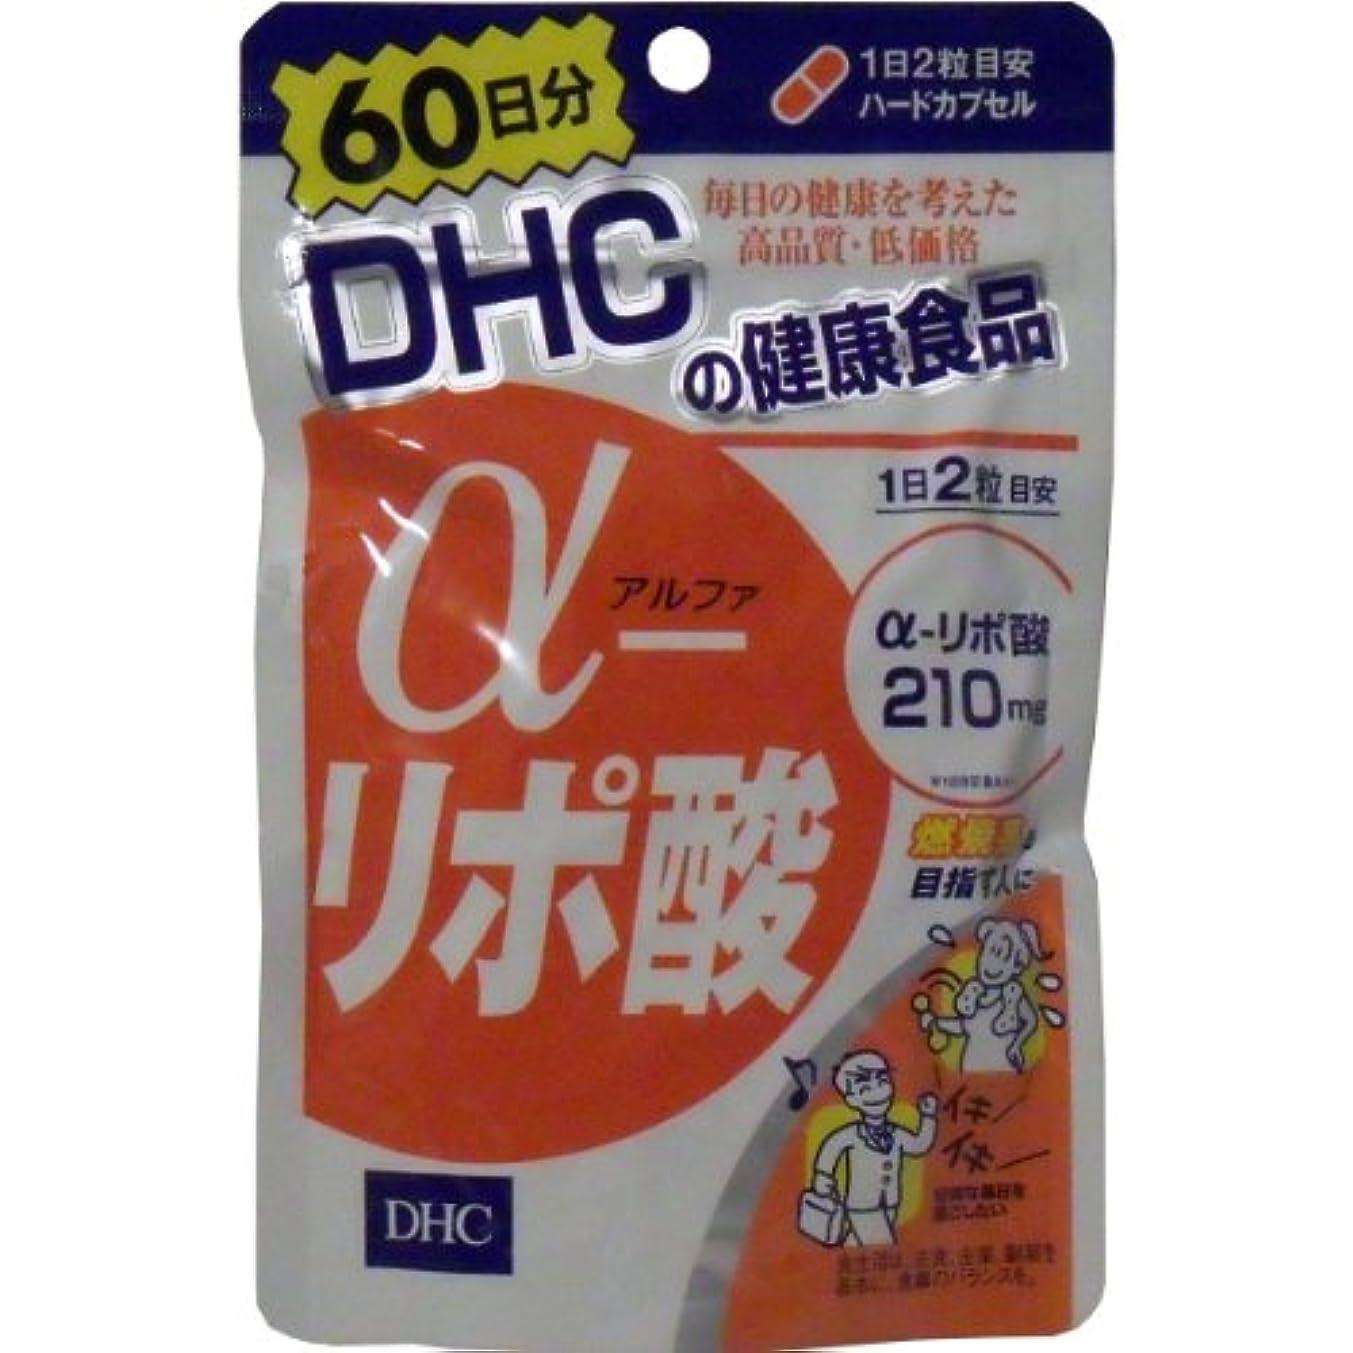 ヘクタールウォーターフロント勇敢なDHC α-リポ酸60日分 120粒×3個セット